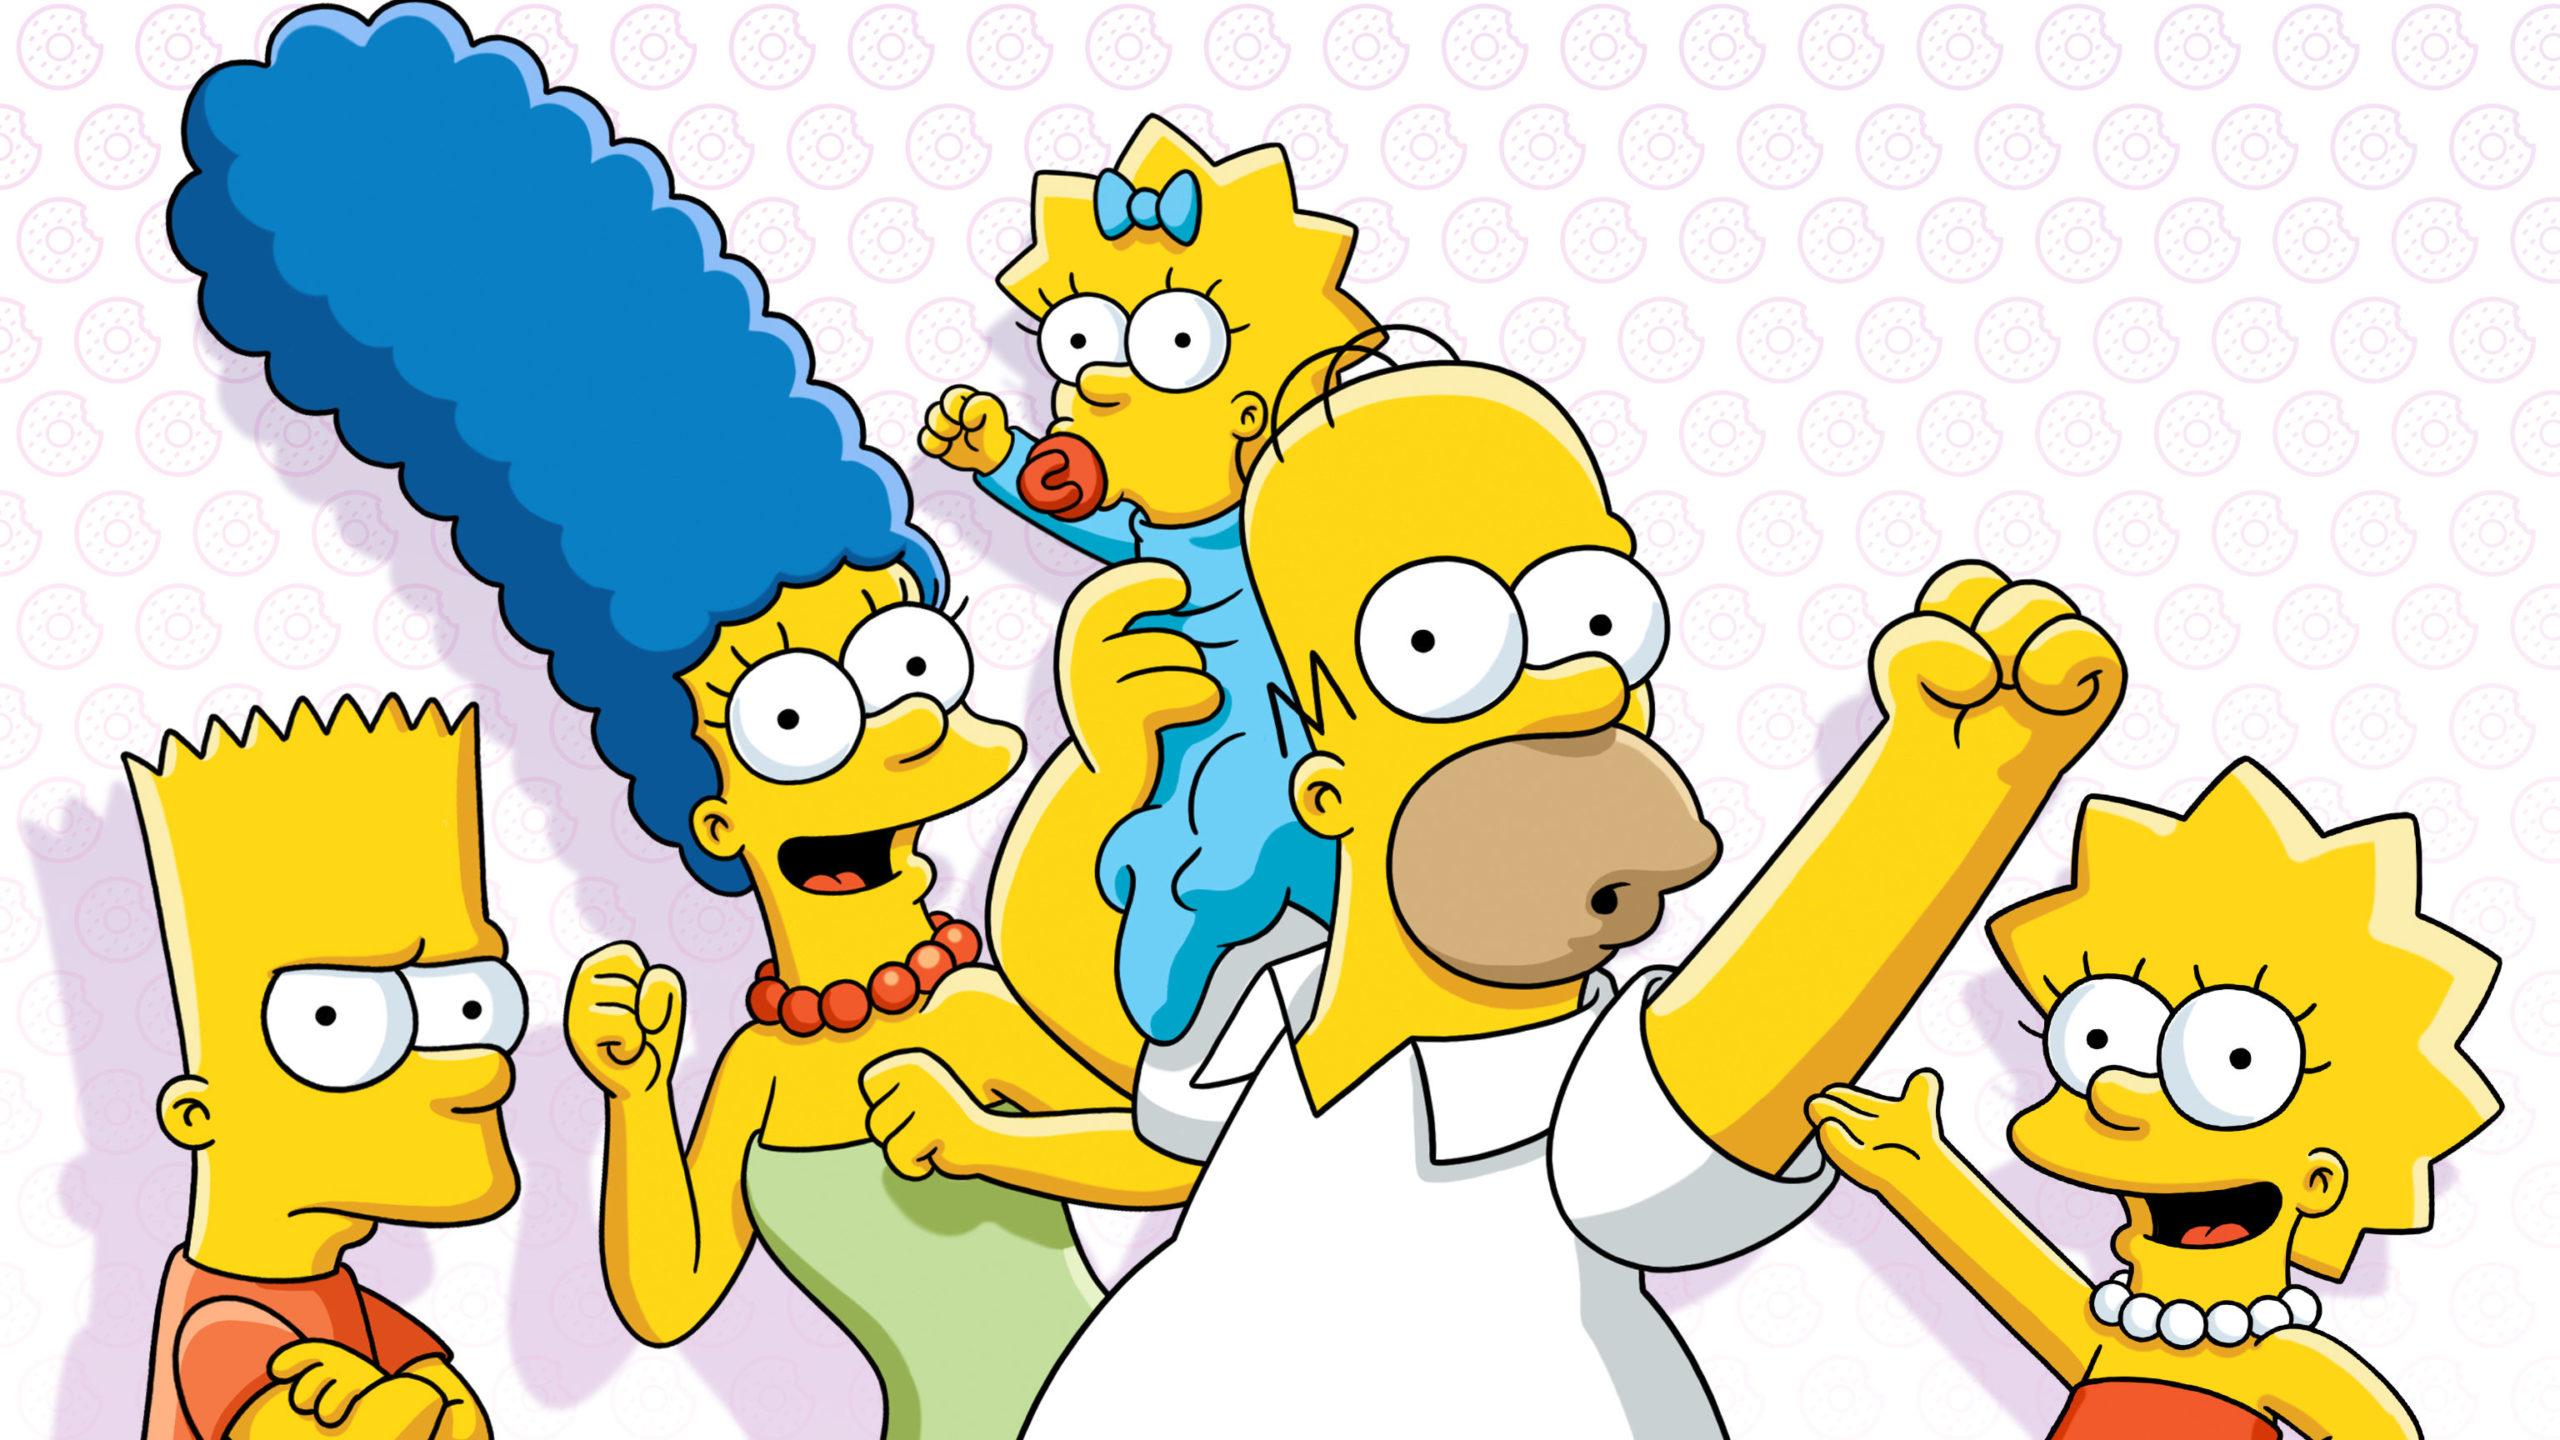 Os Simpsons tem 32 temporadas no Star+ (Imagem: Divulgação / Disney)